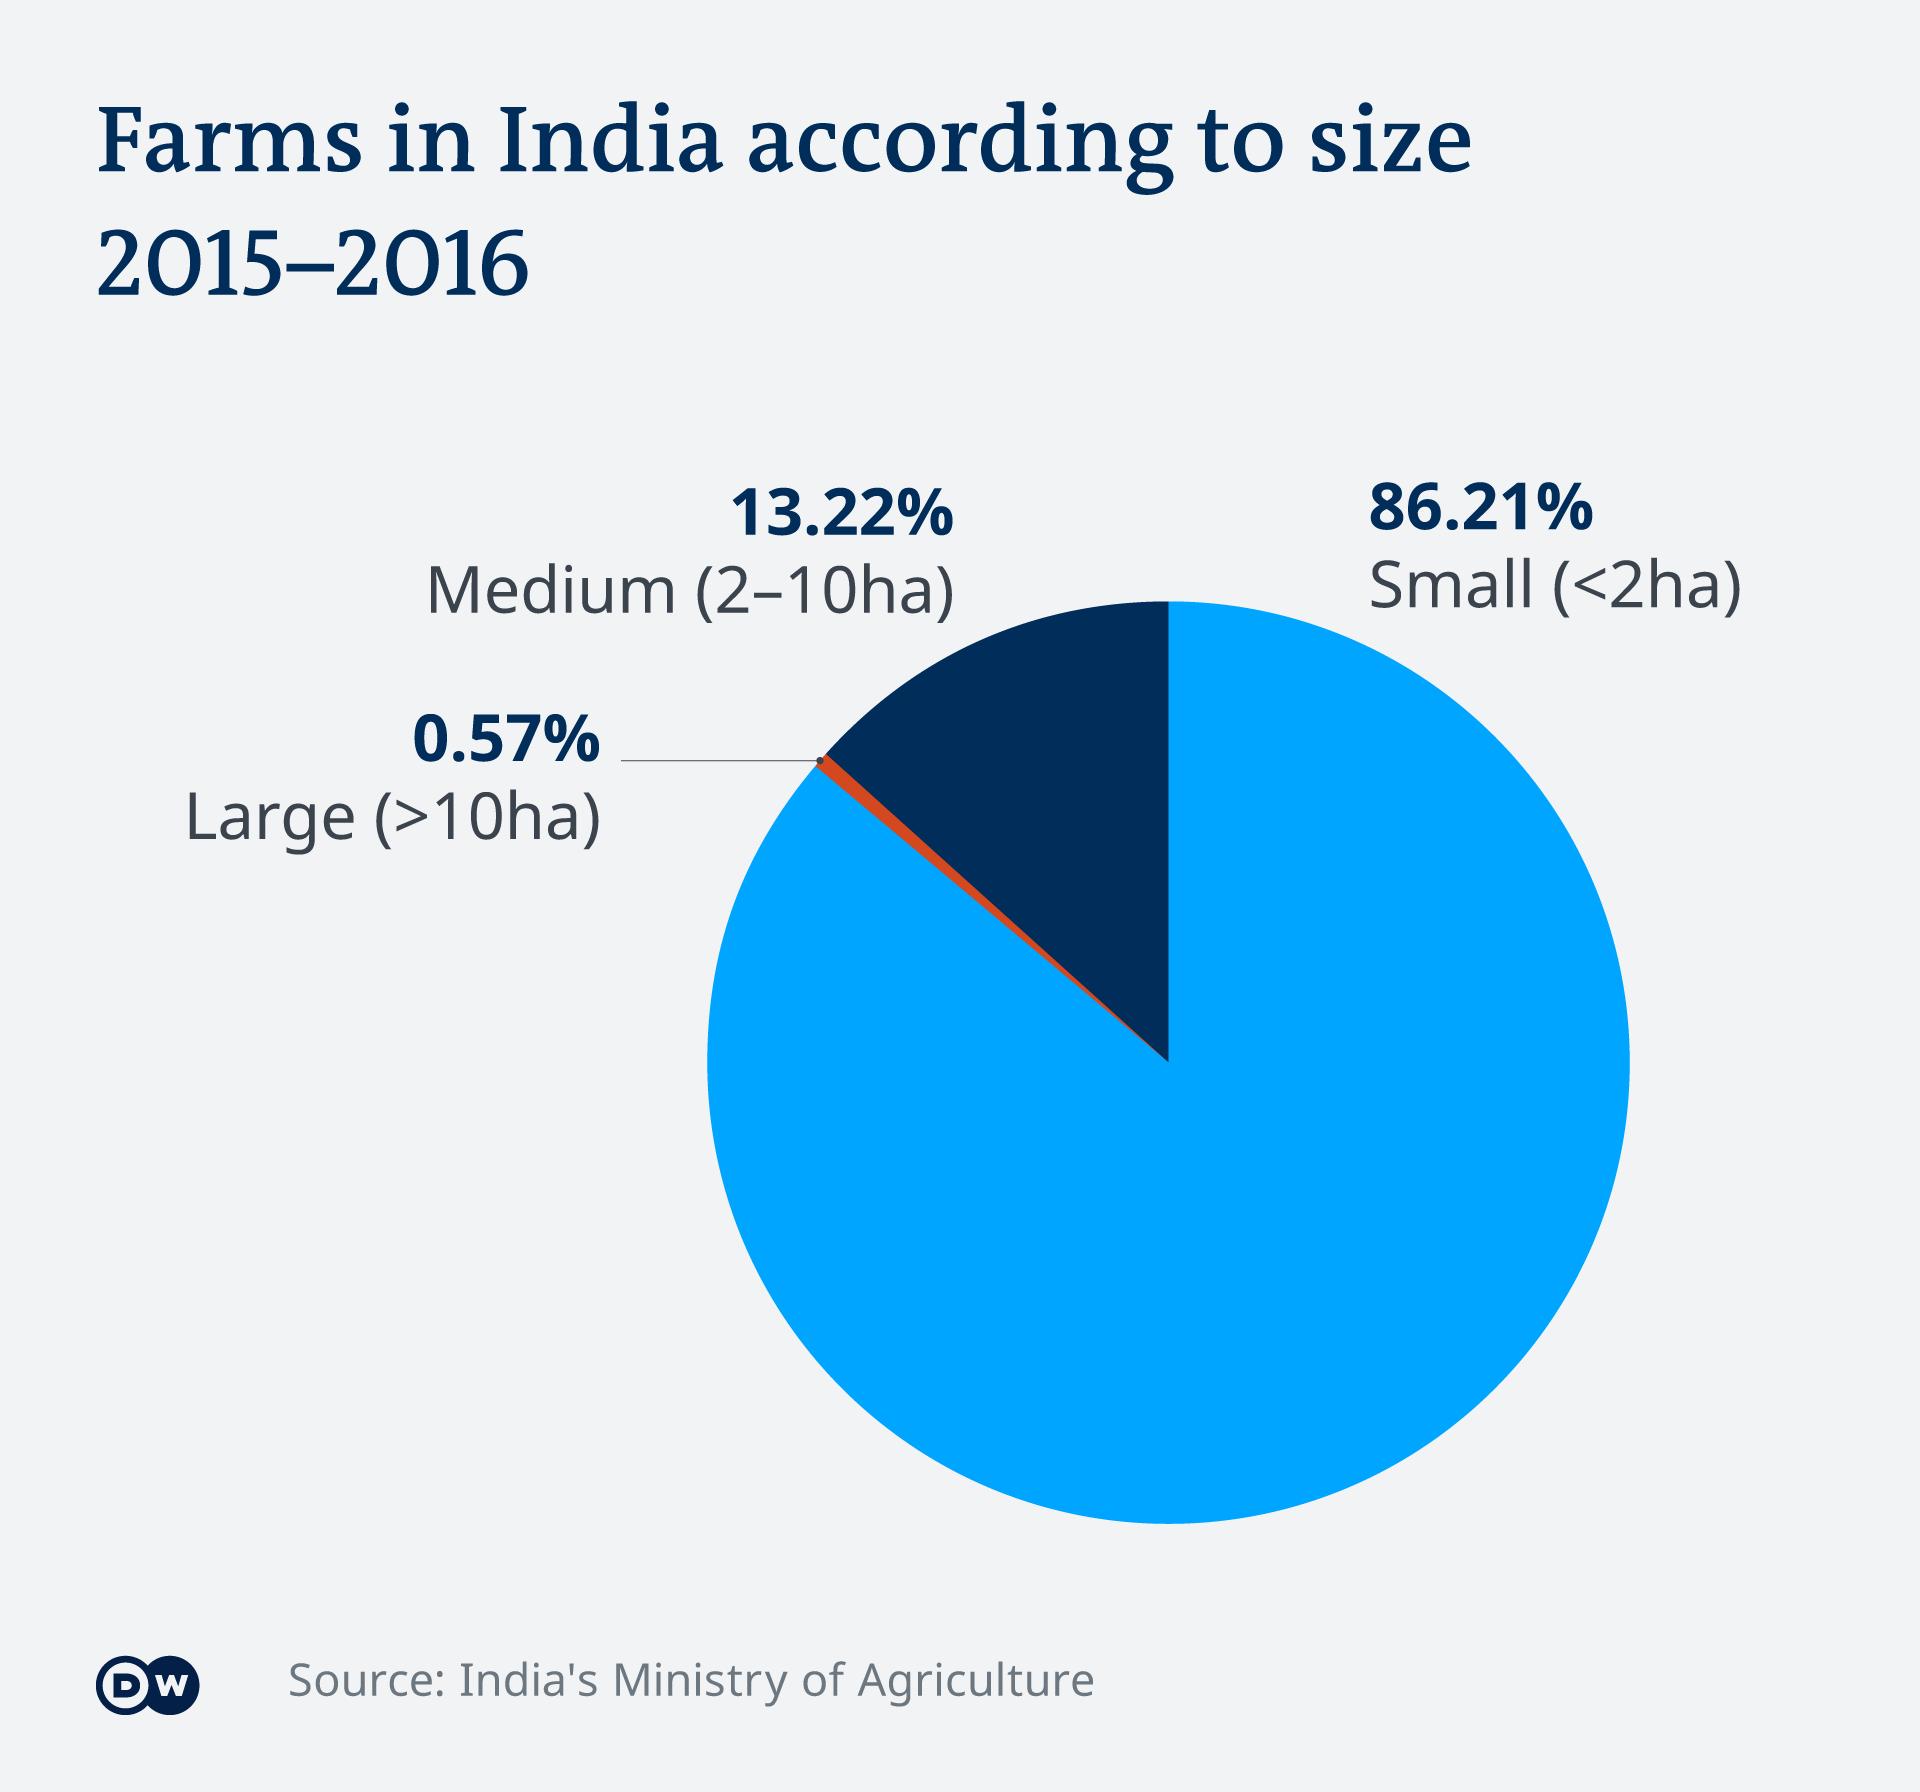 Pembagian lahan pertanian di India sesuai ukuran.